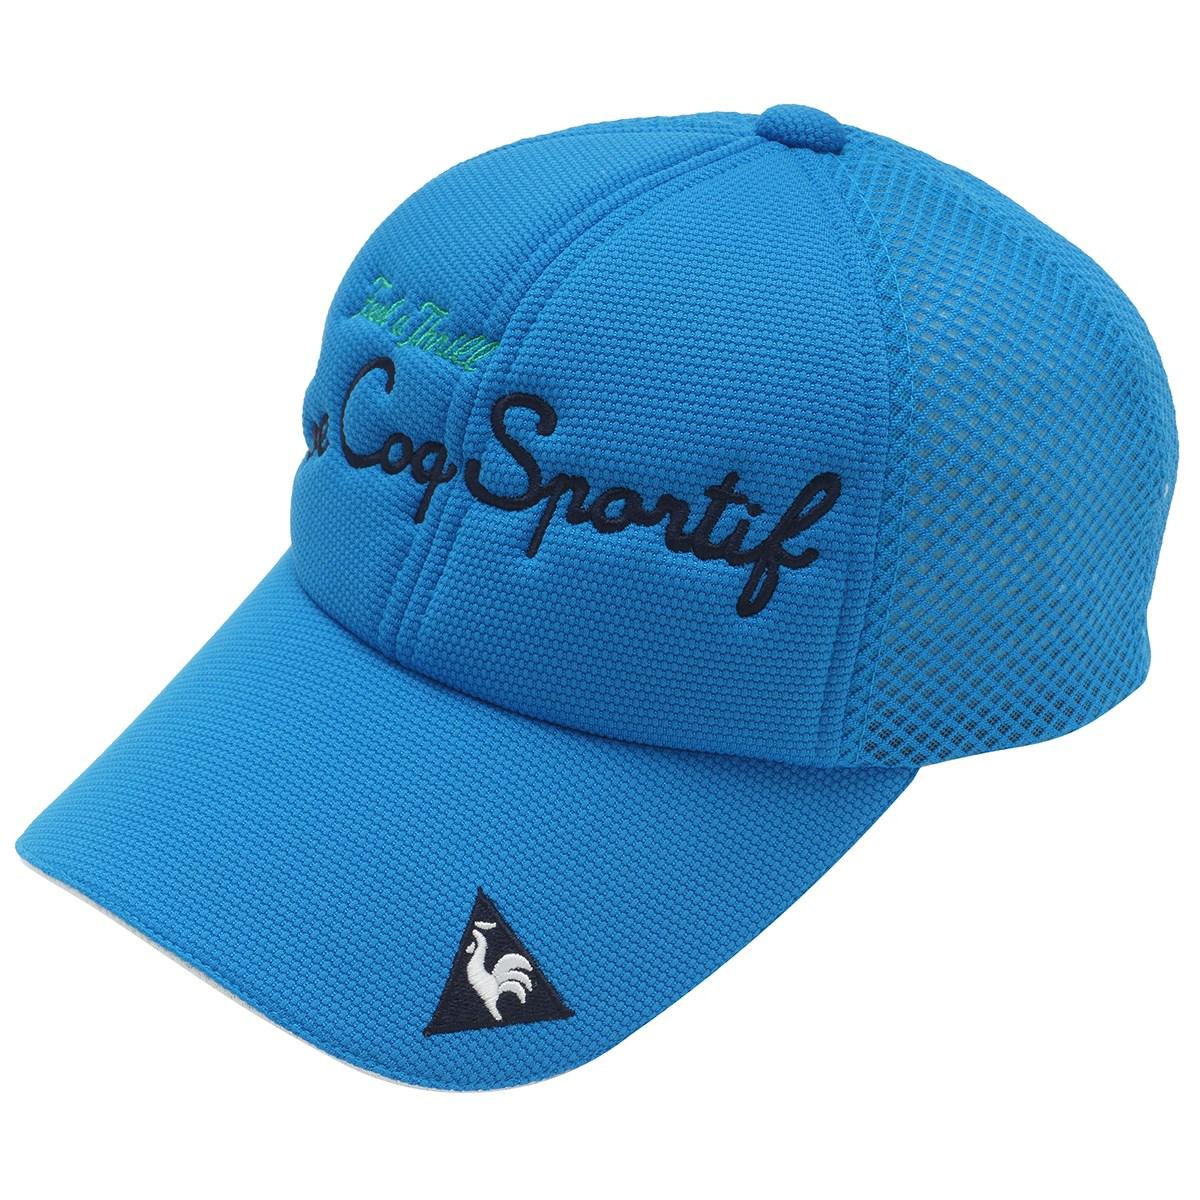 ルコックゴルフ Le coq sportif GOLF キャップ フリー ブルー 00 レディス